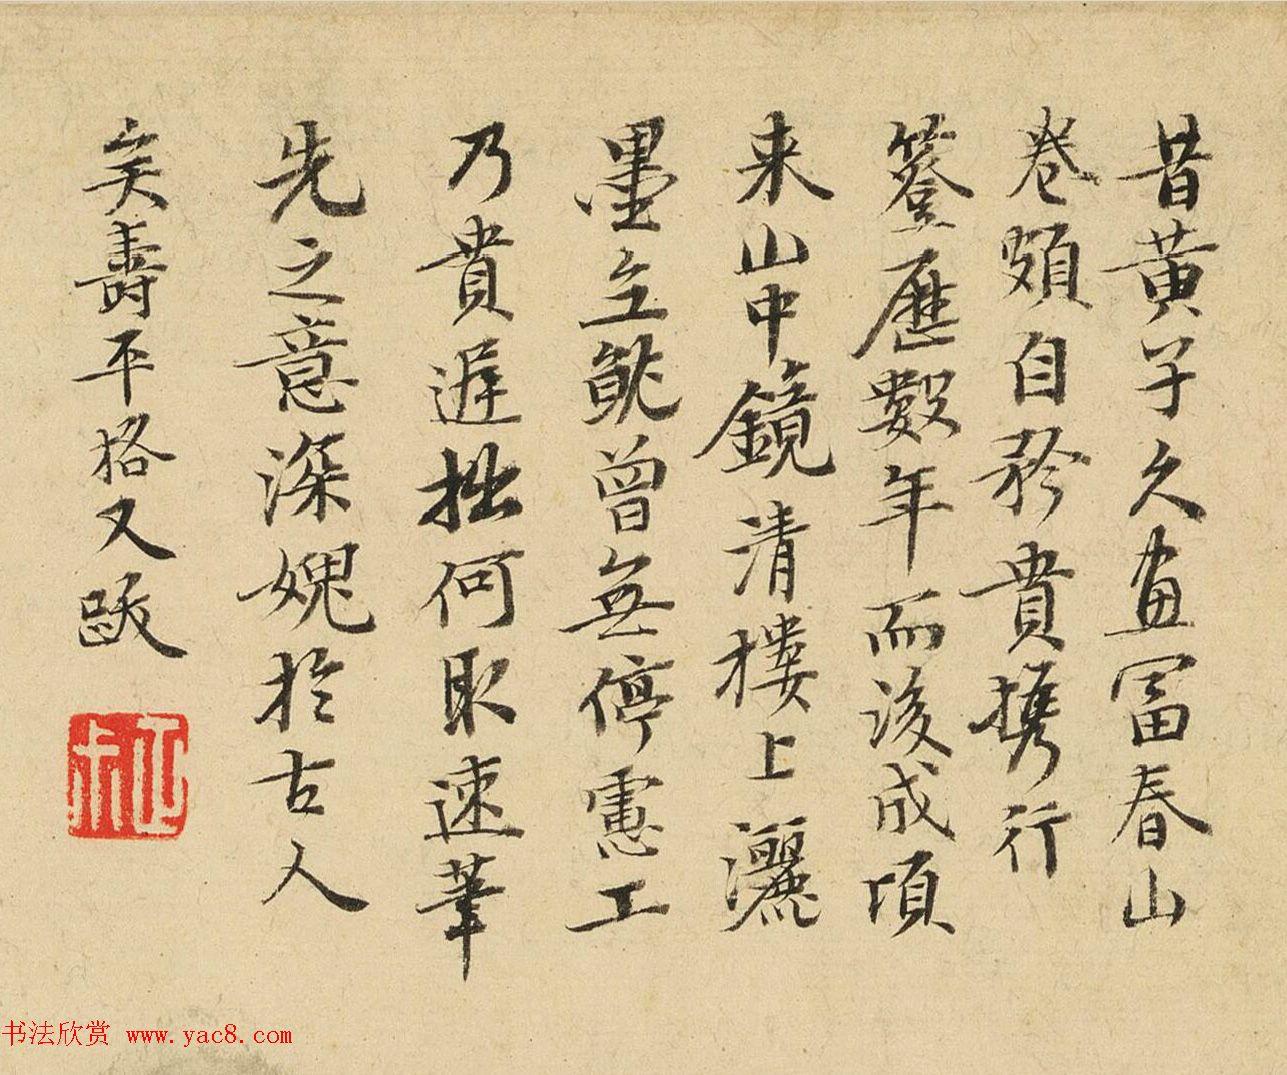 恽寿平31岁字画《灵岩山图》卷